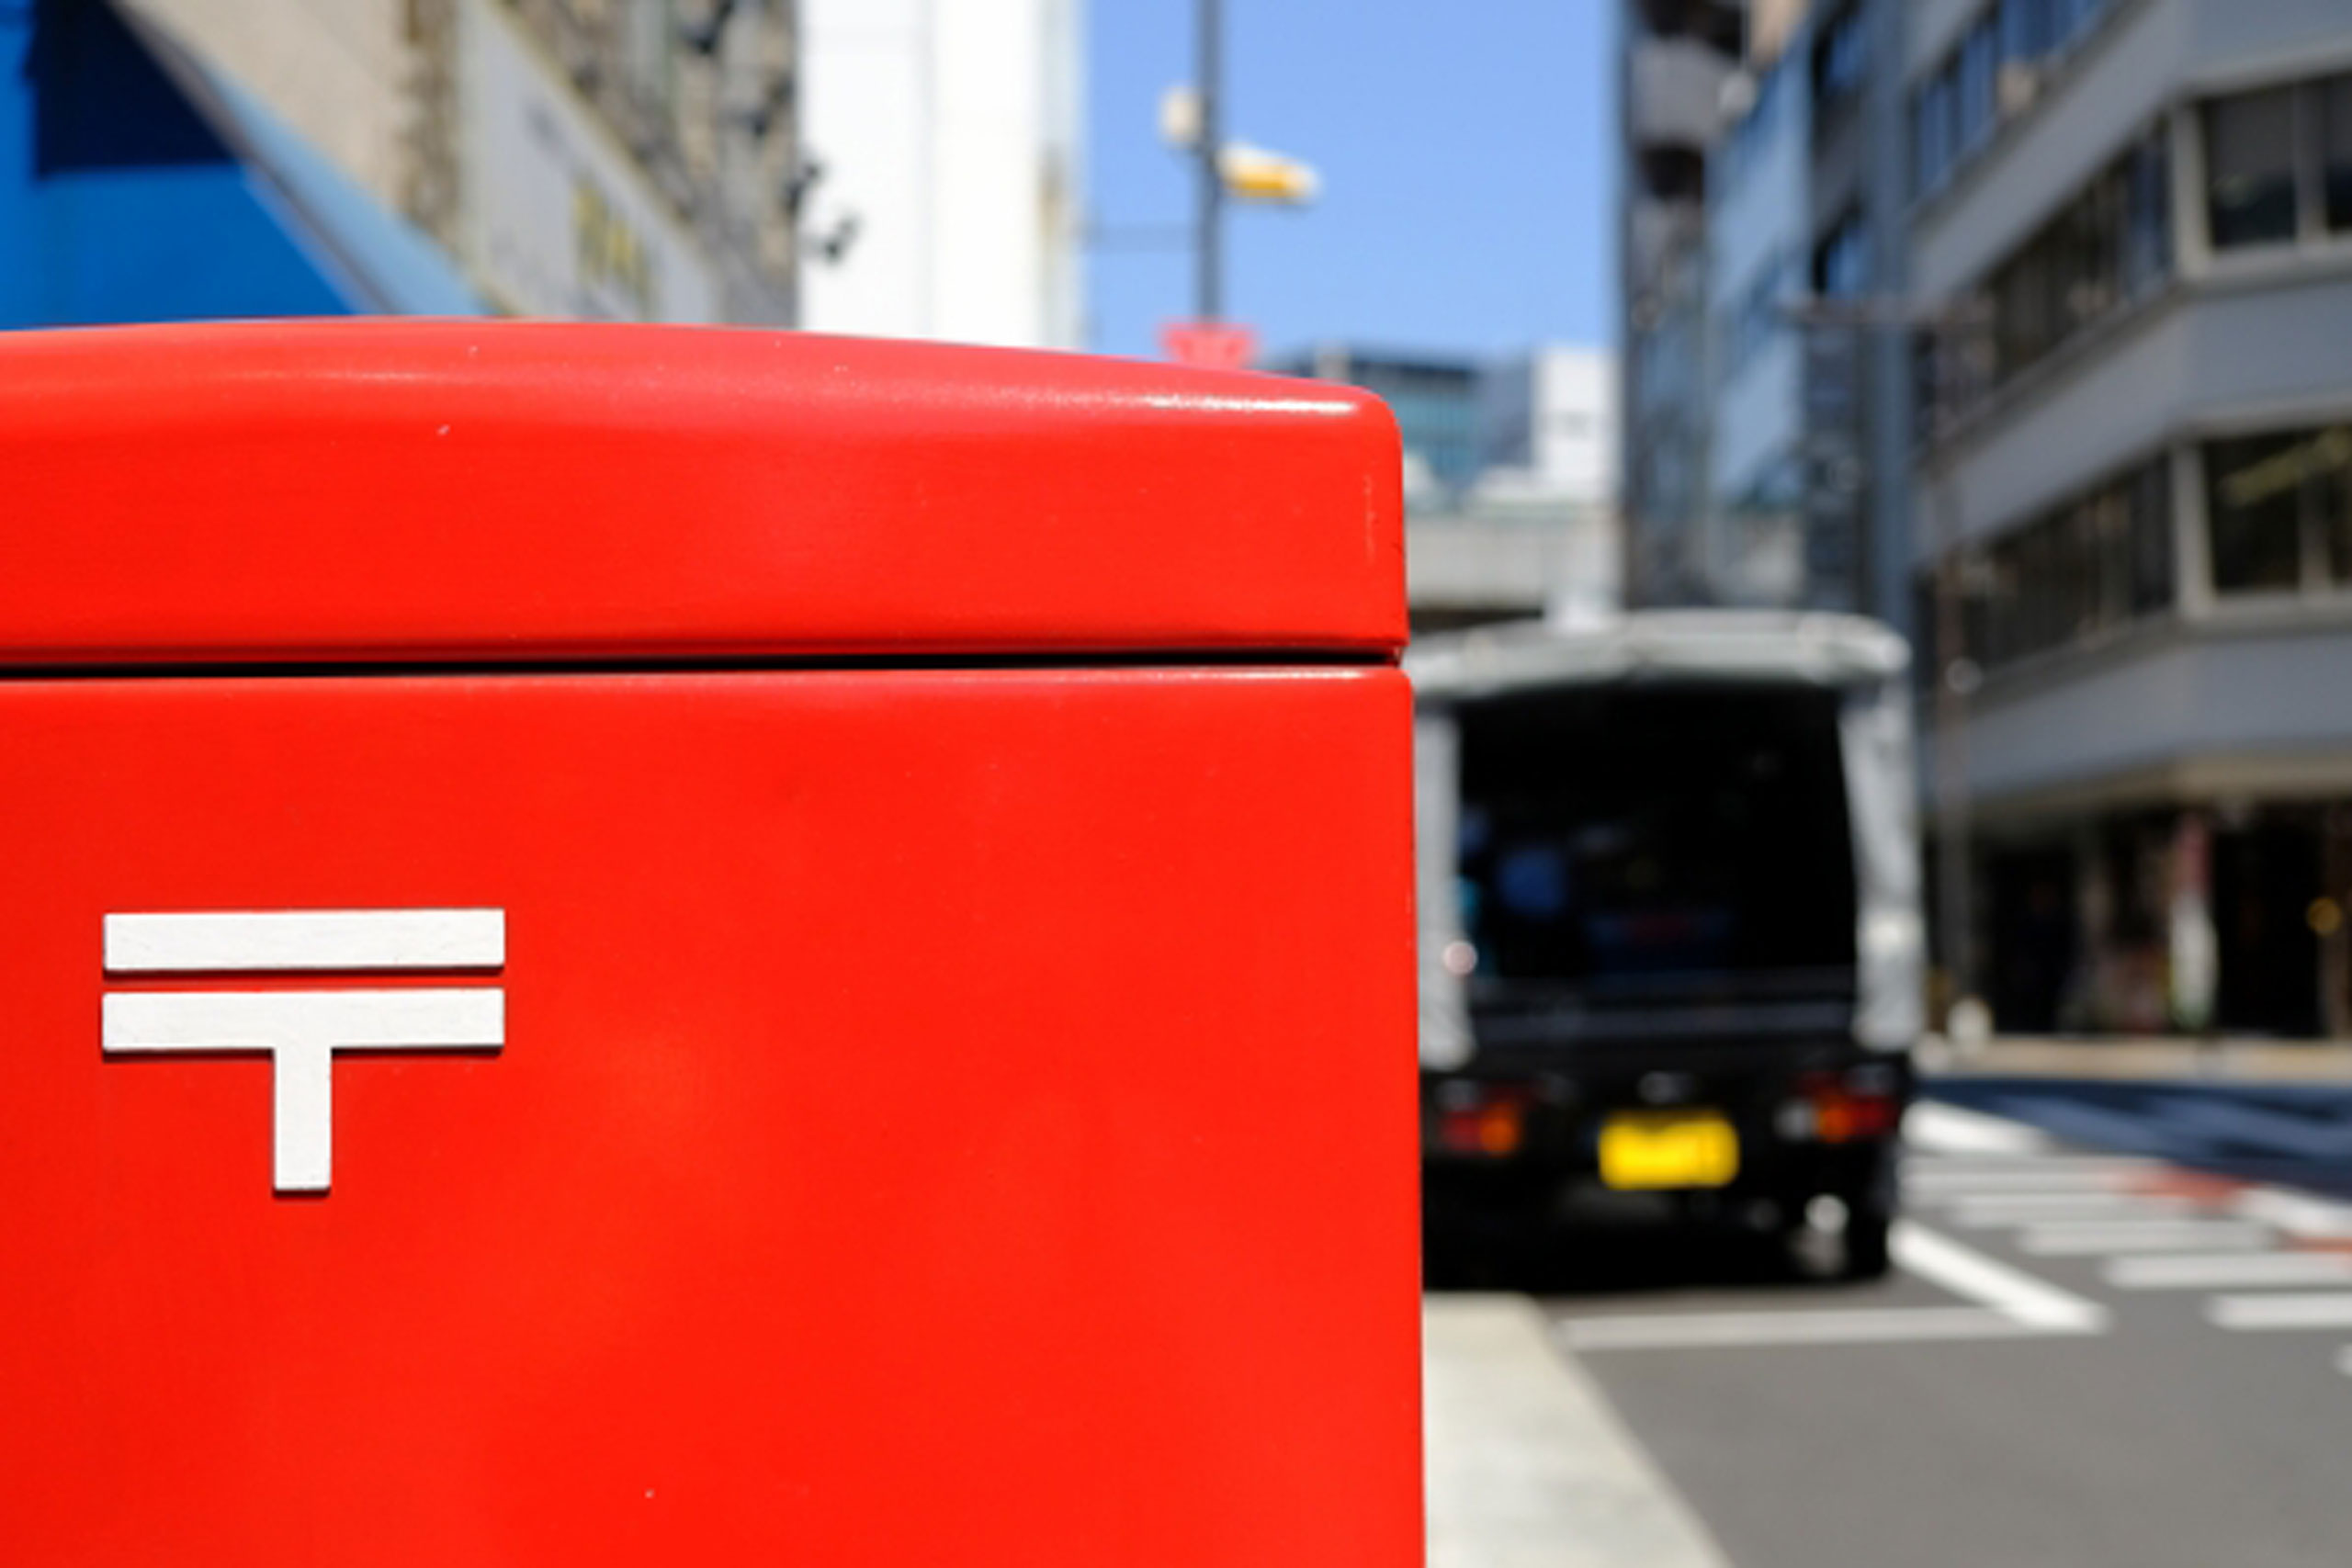 郵便局のゆうパックで冷凍品やチルド品は送れるのか?